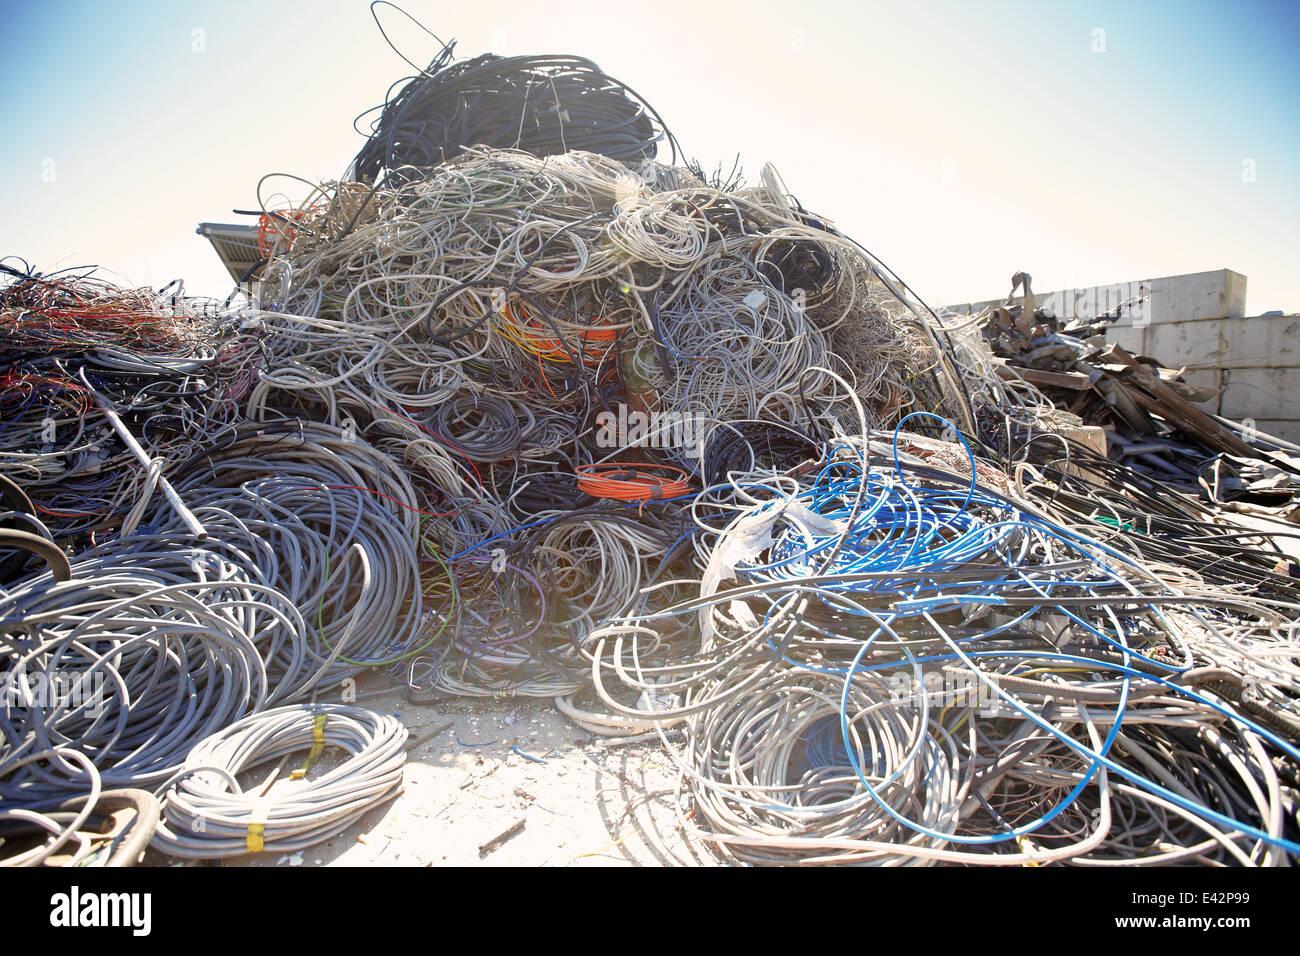 Haufen von gewickelten und verworrenen Kabel auf Schrottplatz Metall Stockbild